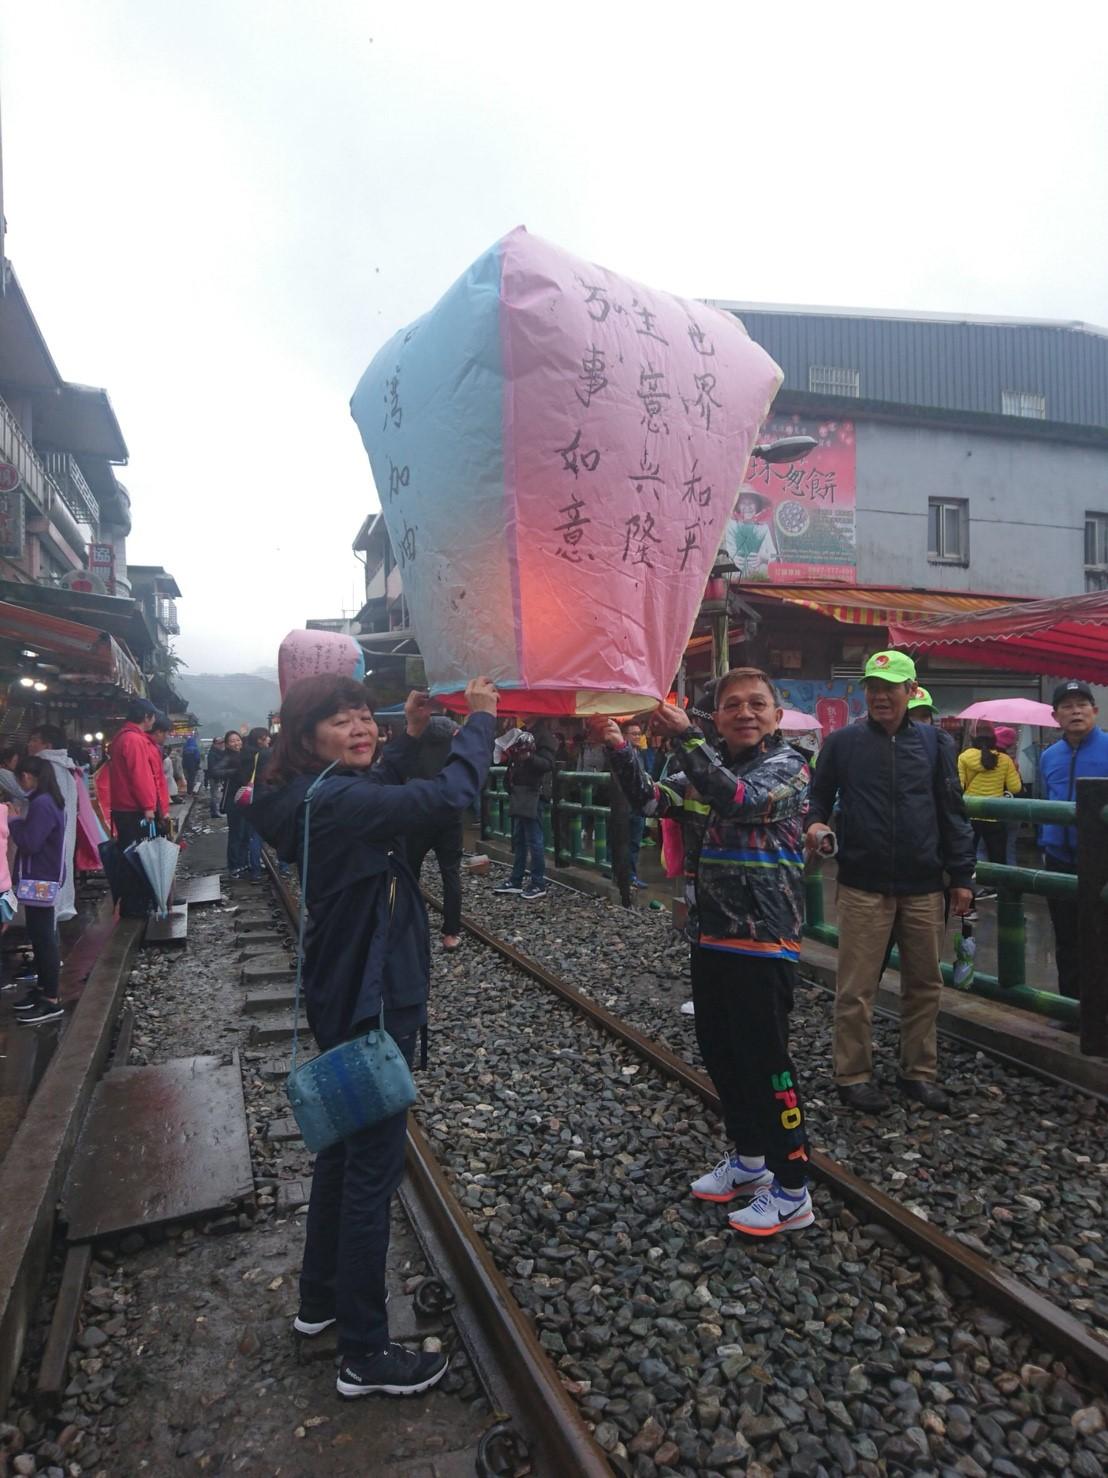 【Taipei Private Tour】Taipei day trip to Pingxi